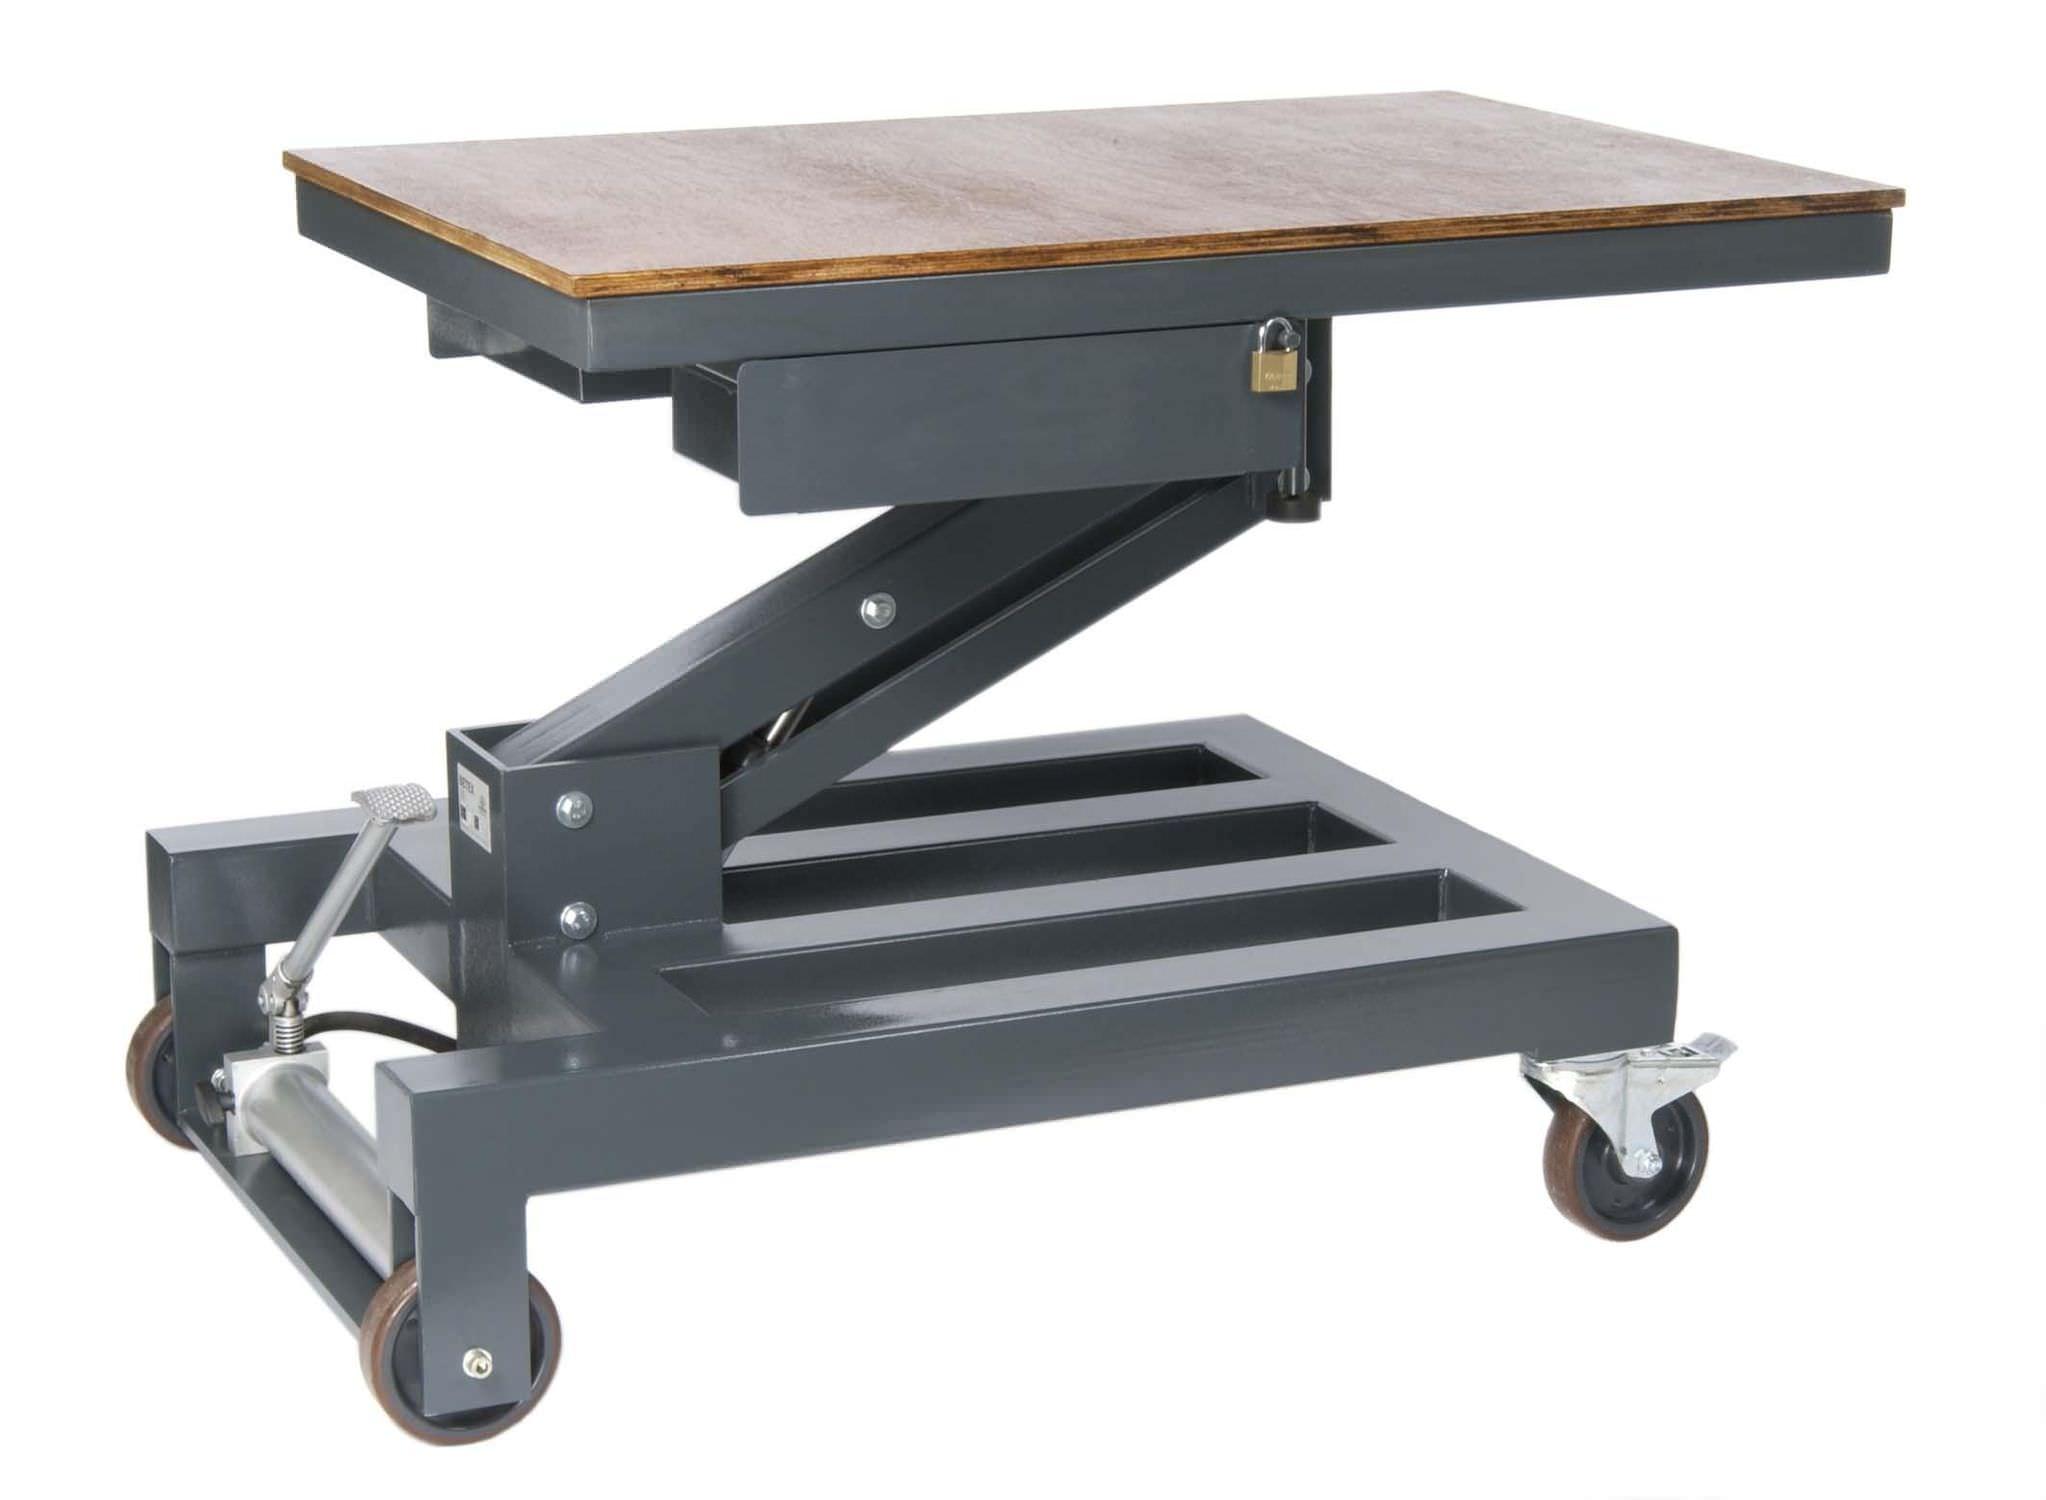 Altezza Banco Di Lavoro Ergonomia : Banco da lavoro in acciaio mobile h series bega special tools